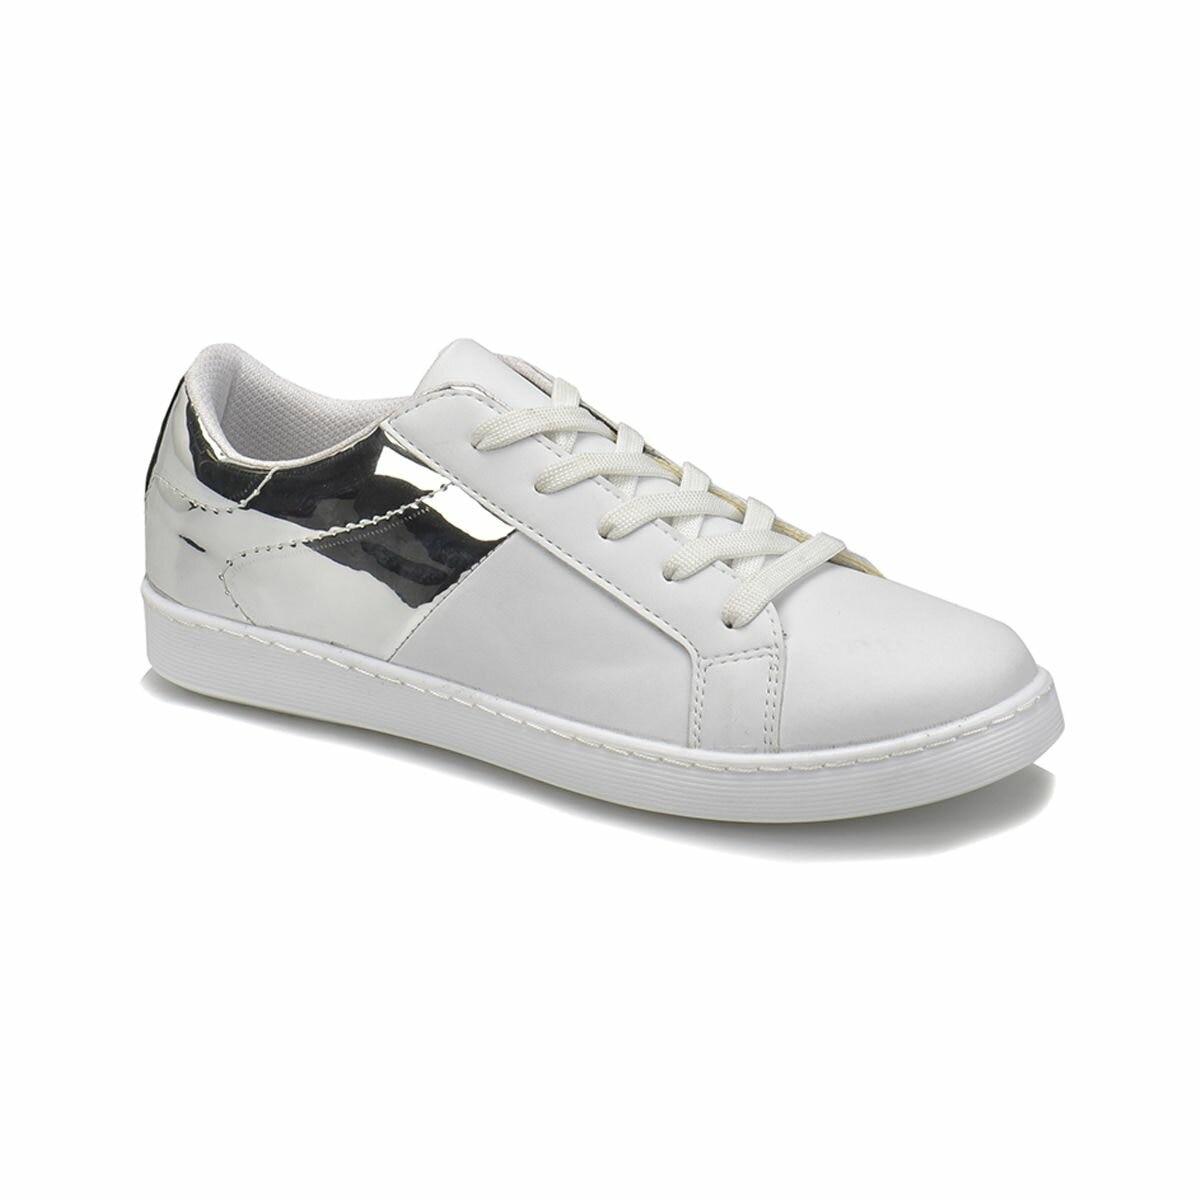 FLO U2206-18S White Women 'S Sneaker Shoes Art Bella